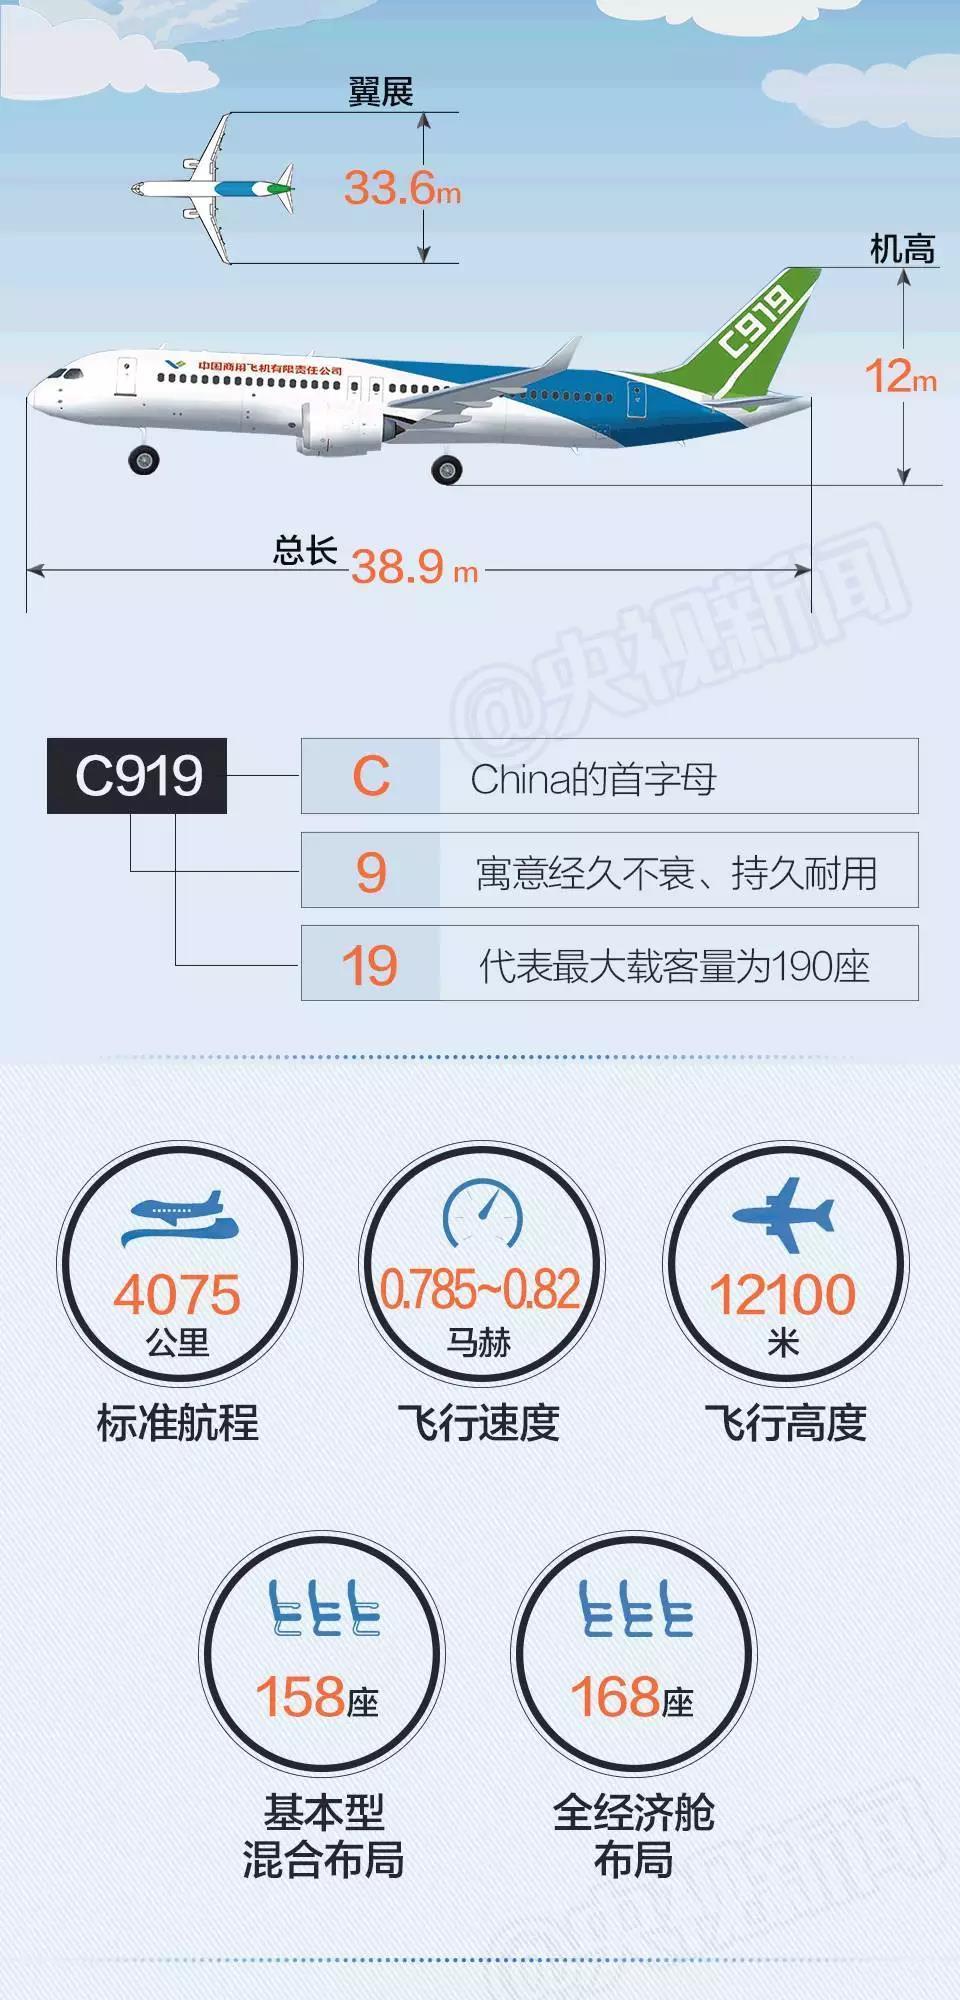 1、先进复合材料:C919首次大规模采用了复合材料,复合材料是由金属材料、陶瓷材料或高分子材料等经过复合技术组成的具有新性能的材料。各种材料在性能上取长补短,产生协同效应,使其综合性能优于原组成材料,从而满足各种不同的要求,我国自主研制的C919大型客机首架机采用的先进材料使飞机整体减重7%左右。C919机身的15%采用了树脂基碳纤维材料,这是民用大型客机首次大面积使用这种材料,而这种材料在传统大型客机的使用率只有1%左右。同等强度的前提下,它的重量能比一般传统材料轻80%,疲劳寿命也更长。